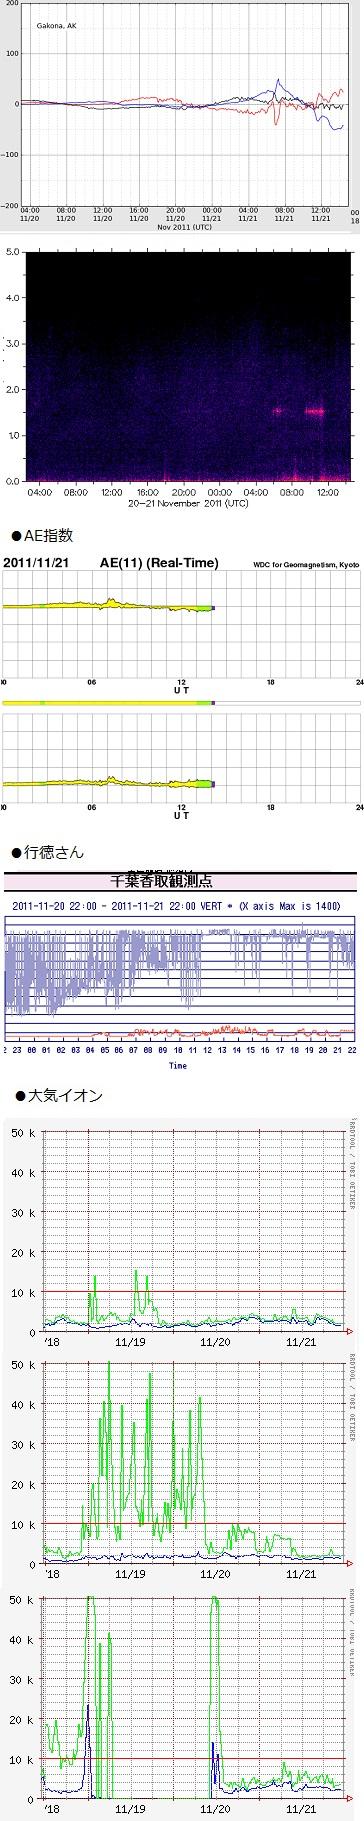 1122-1 データ